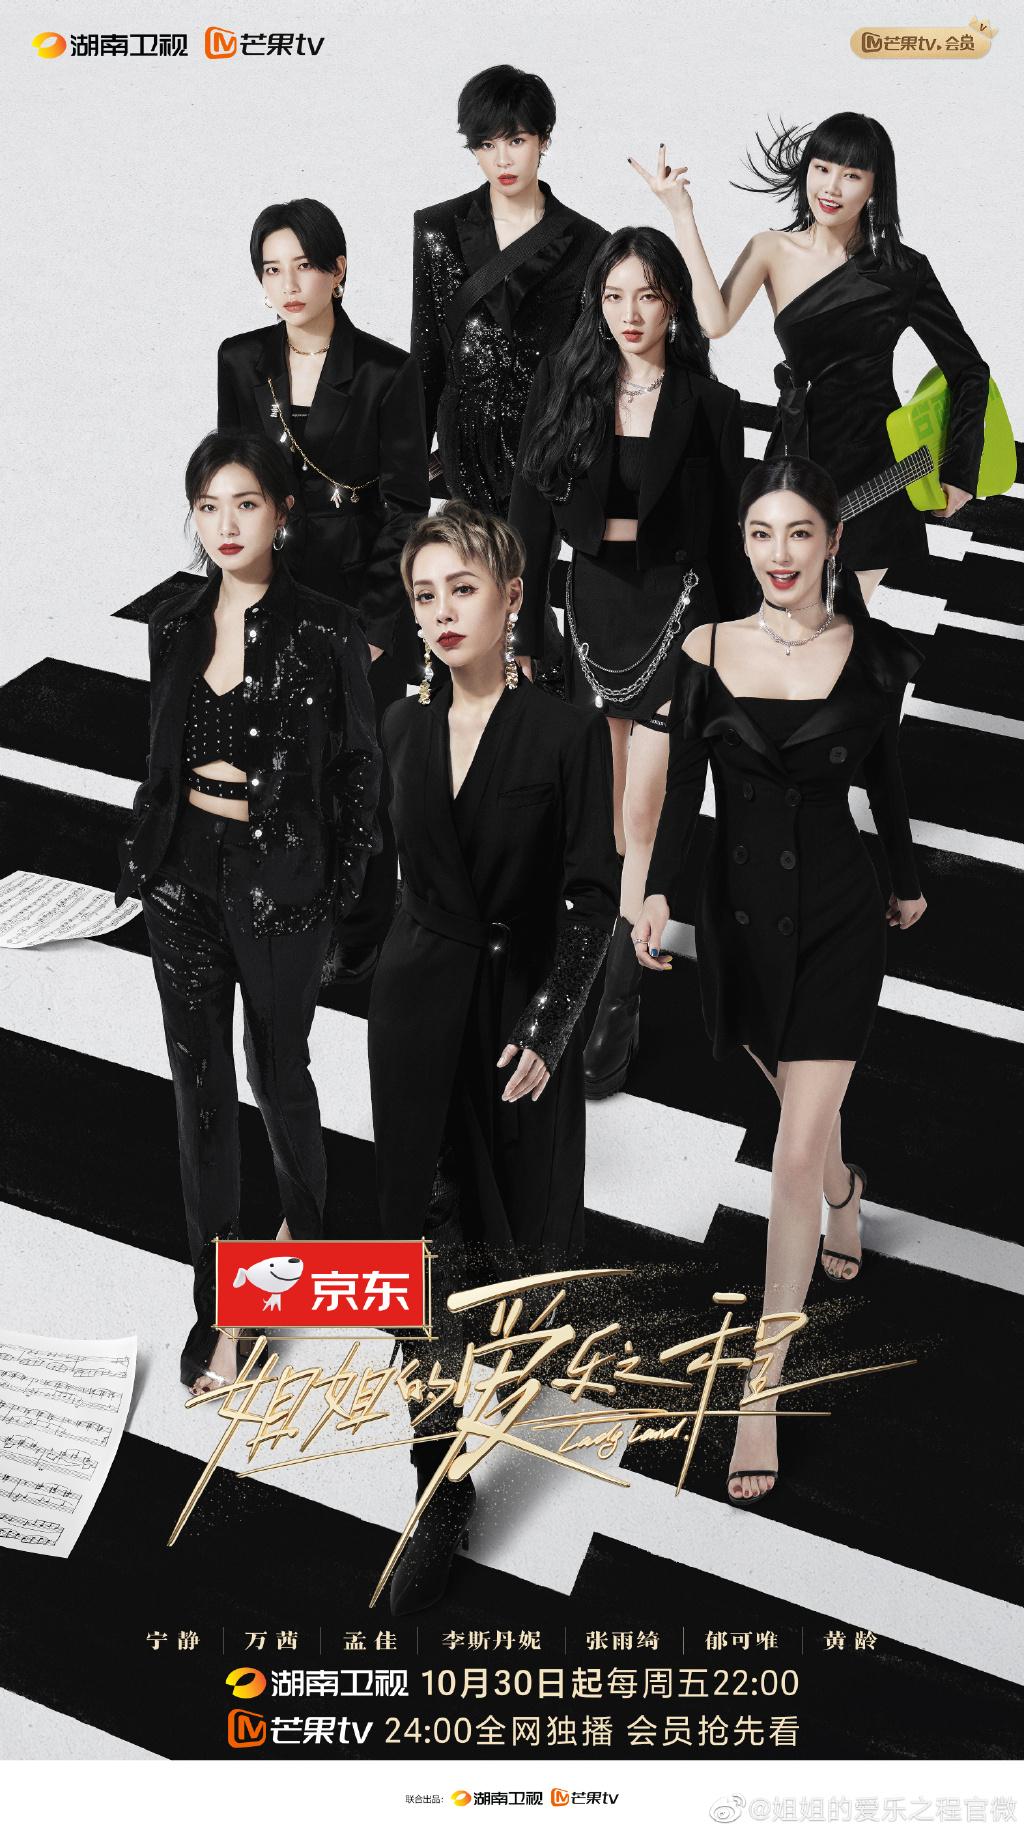 综艺《姐姐的爱乐之程》发海报,定档10月30日图片